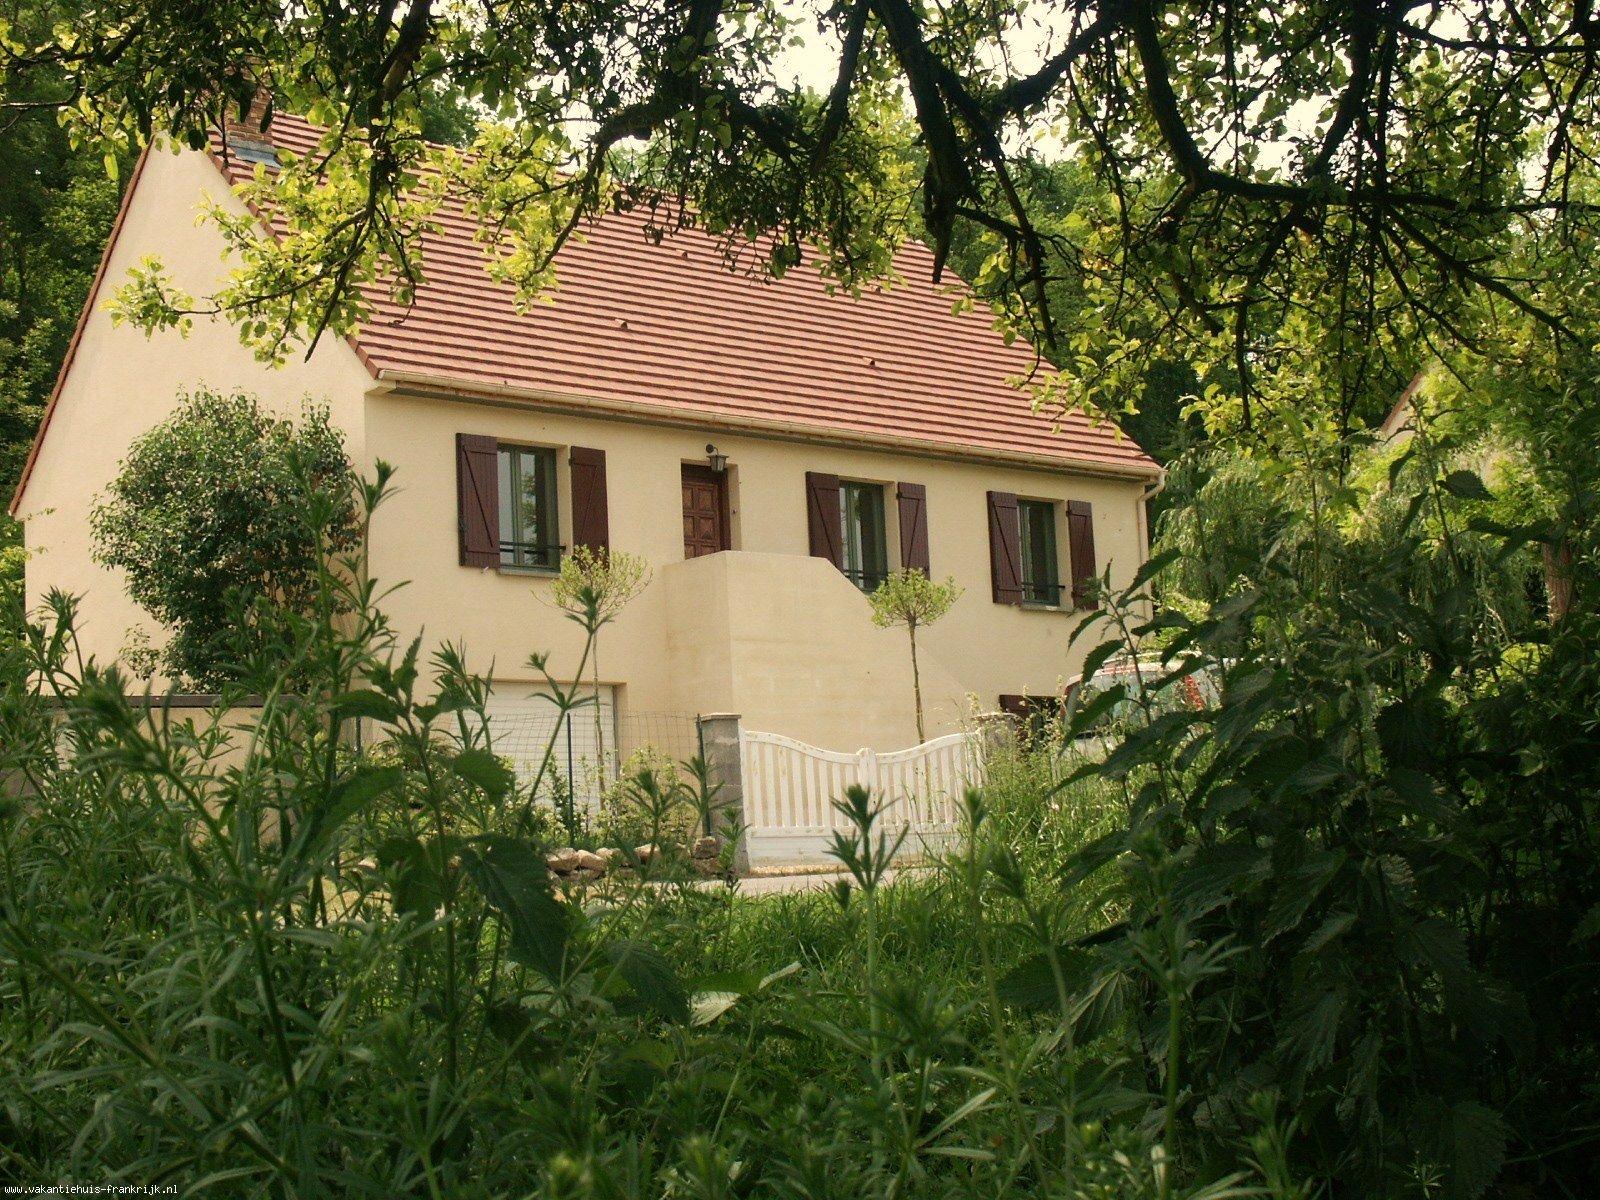 Vakantiehuis: Prachtige luxe vakantiewoning in Franse stijl, gelegen in een grote parkachtige tuin. Een beschermd gebied met middeleeuwse dorpjes en vele kastelen. te huur voor uw vakantie in Aisne (Frankrijk)